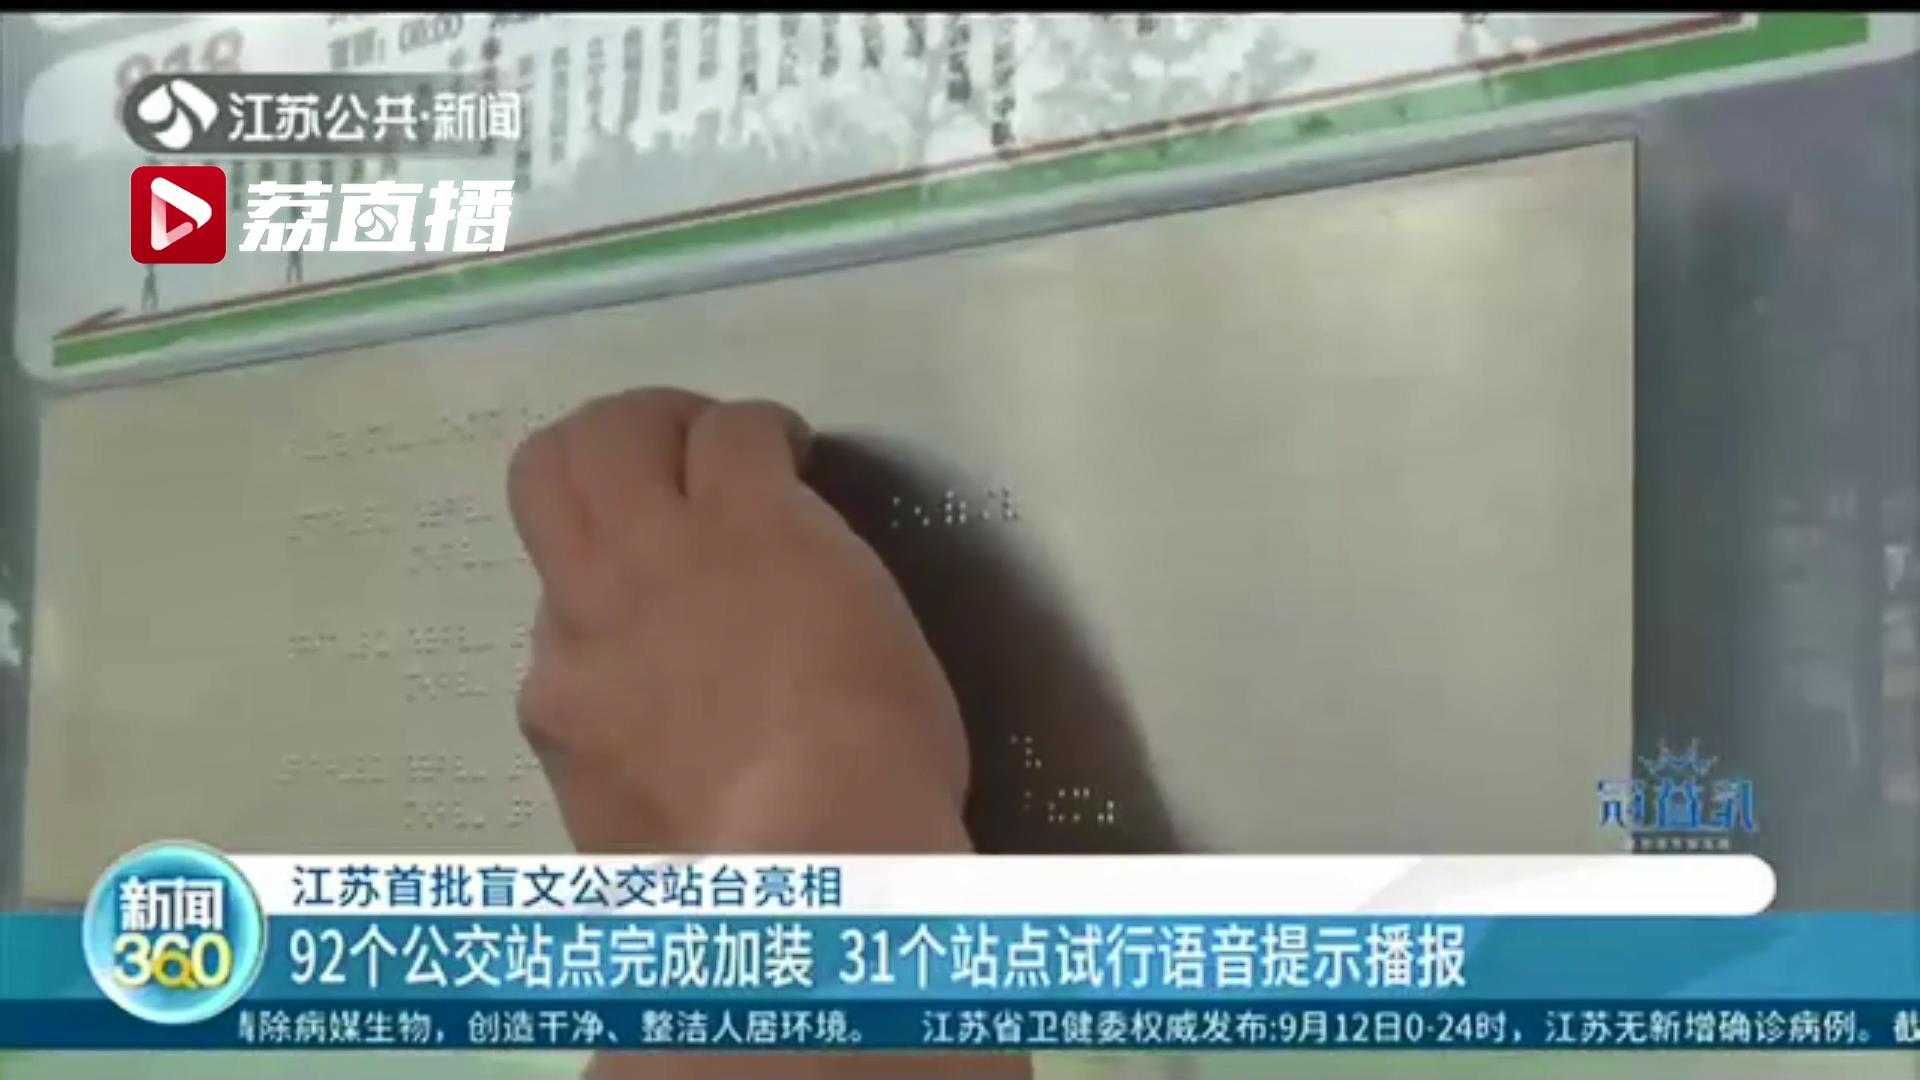 盲人触摸下就能知道站台车辆信息 江苏首批92个盲文公交站台亮相